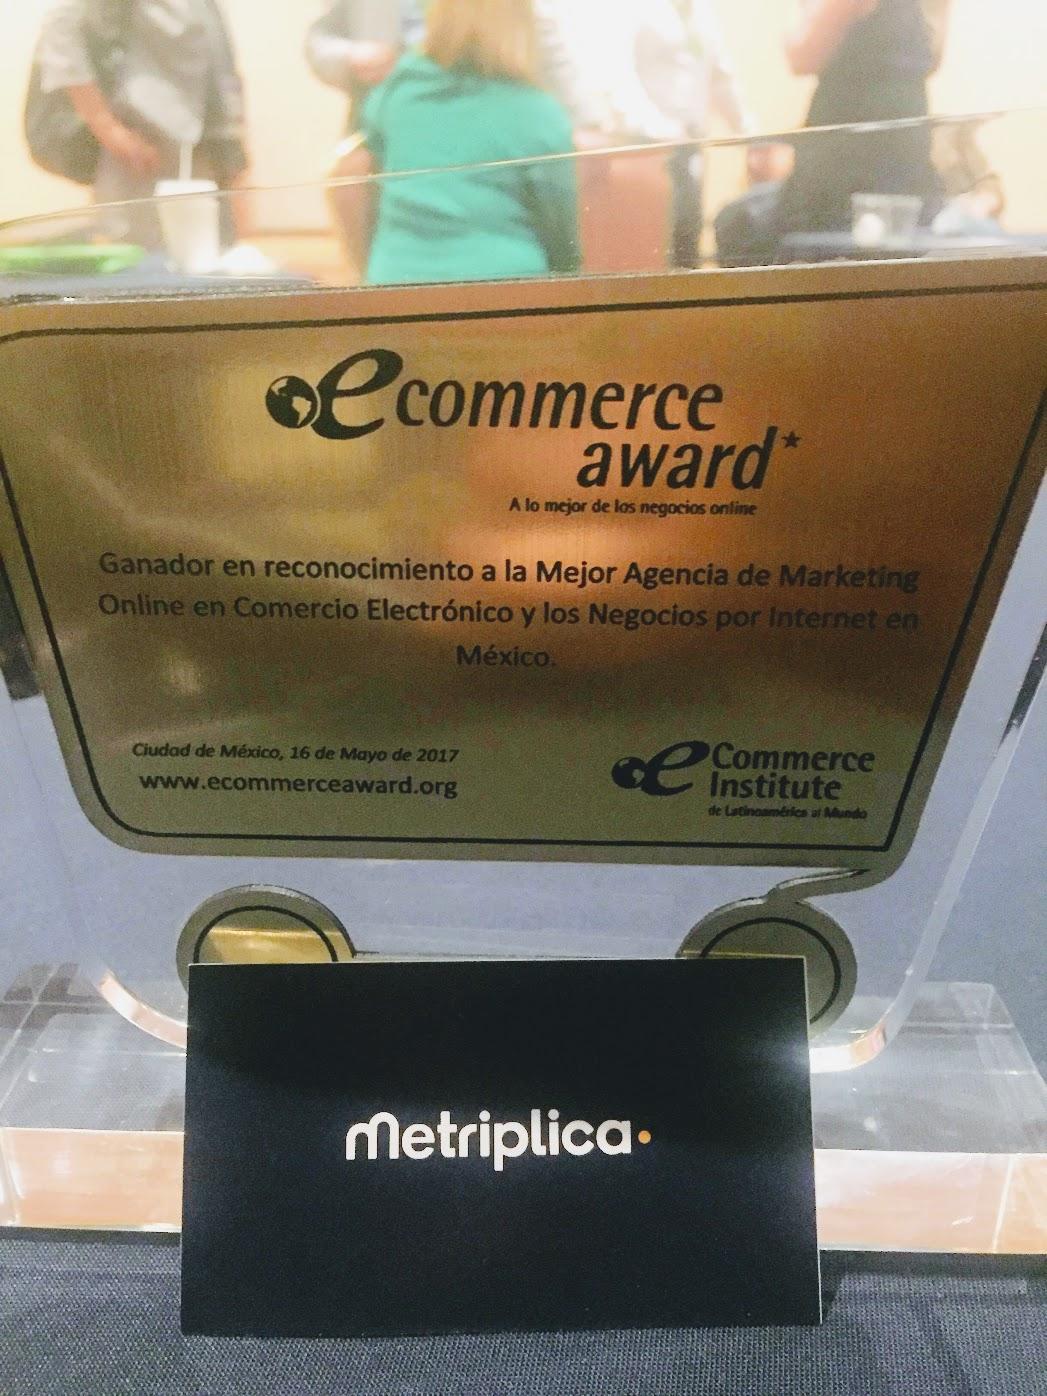 Metriplica, consultora de analítica web, gana ecommerce Award en Mexico